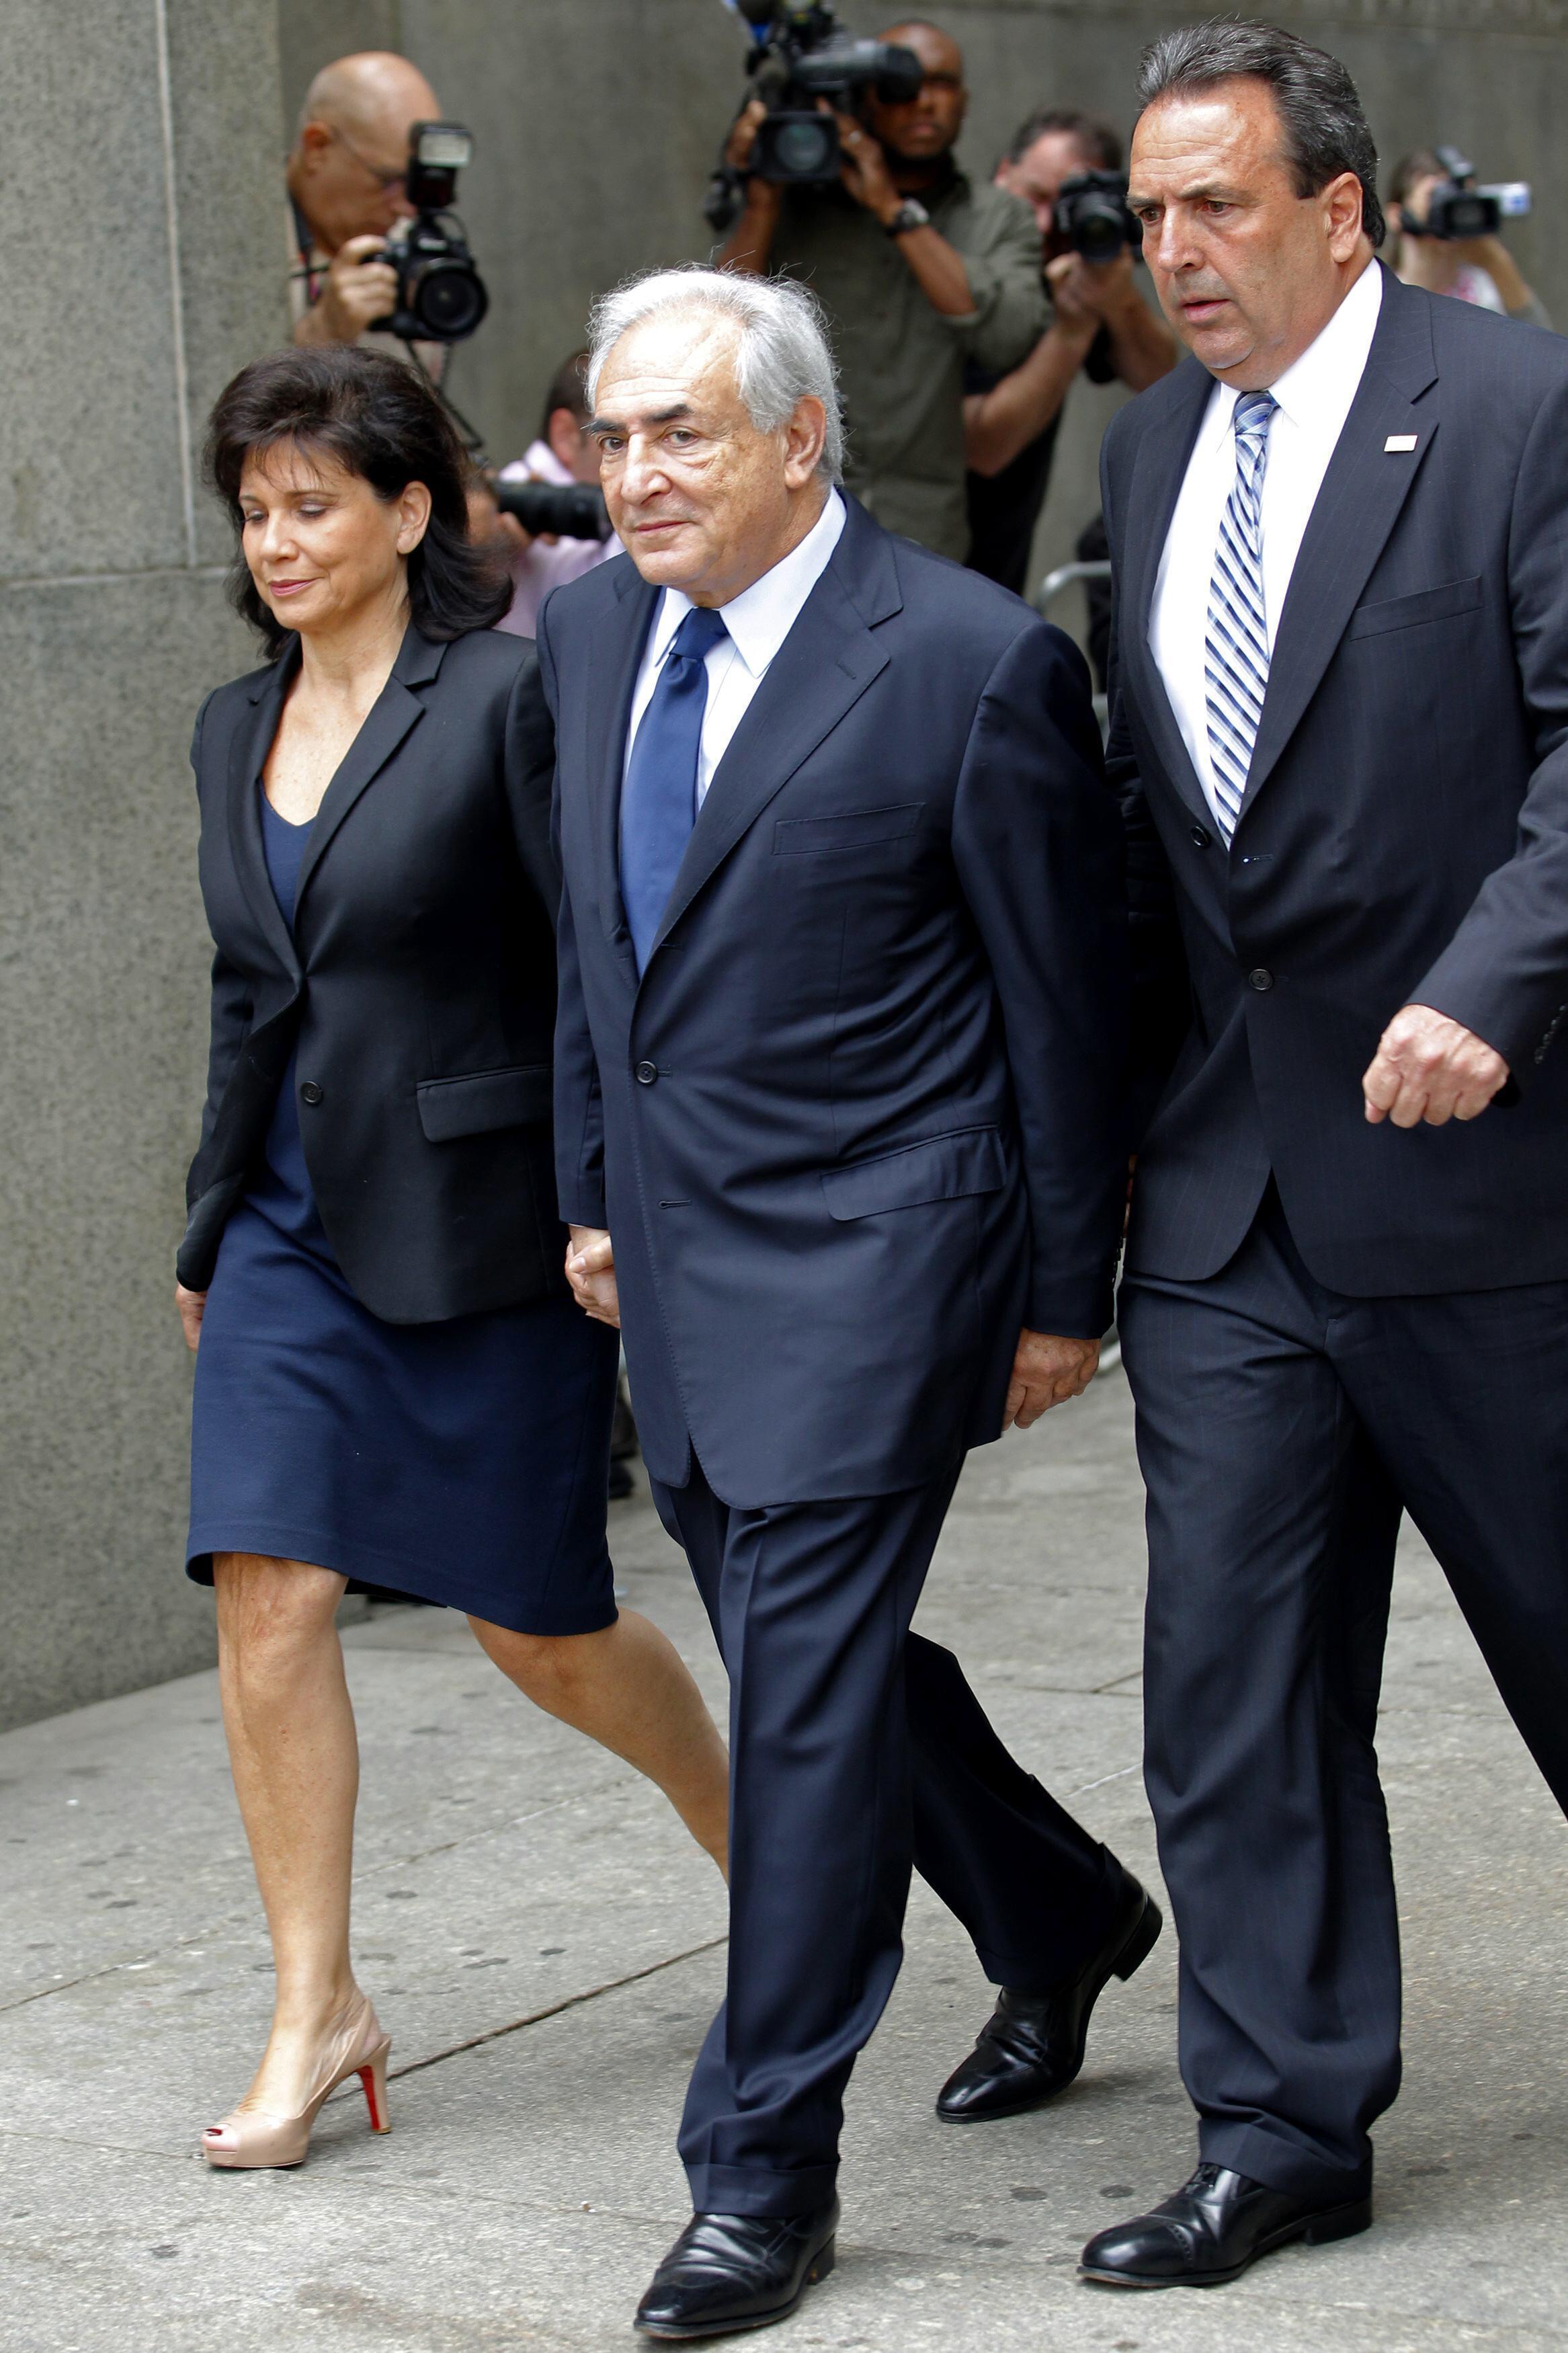 Dominique Strauss-Kahn e sua esposa, Anne Sinclair, deixam o tribunal de Nova York acompanhados por um segurança